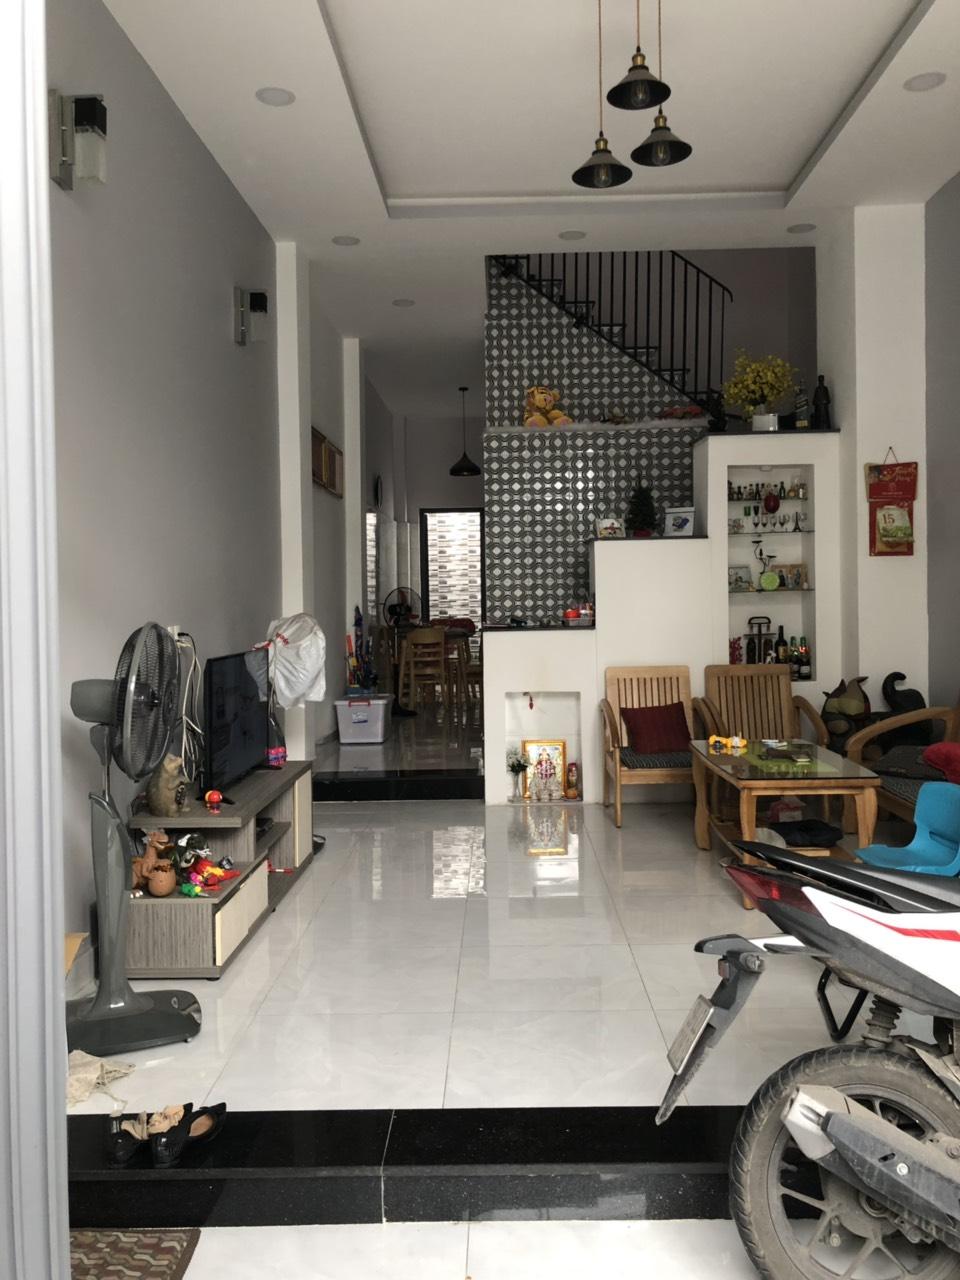 Bán nhà hẻm 2941 Phạm Thế Hiển phường 7 Quận 8. DT 4x15m, 2 lầu BTCT